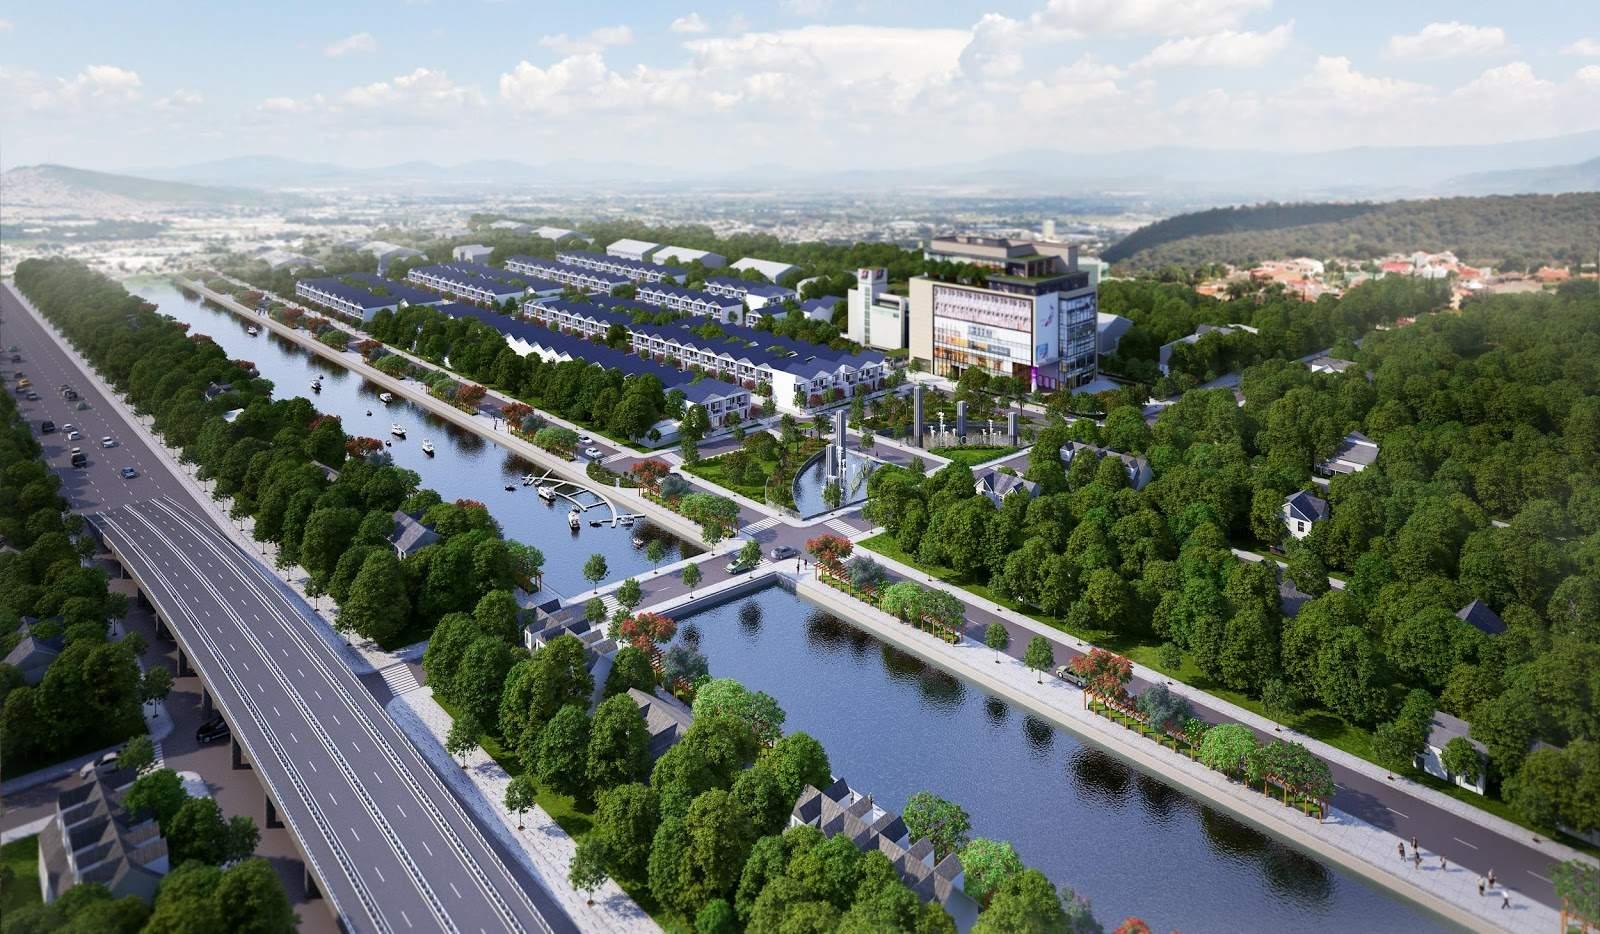 Dự án Metro City trên website của Cty CP Yeshouse, chuẩn bị trao sổ hồng cho khách hàng